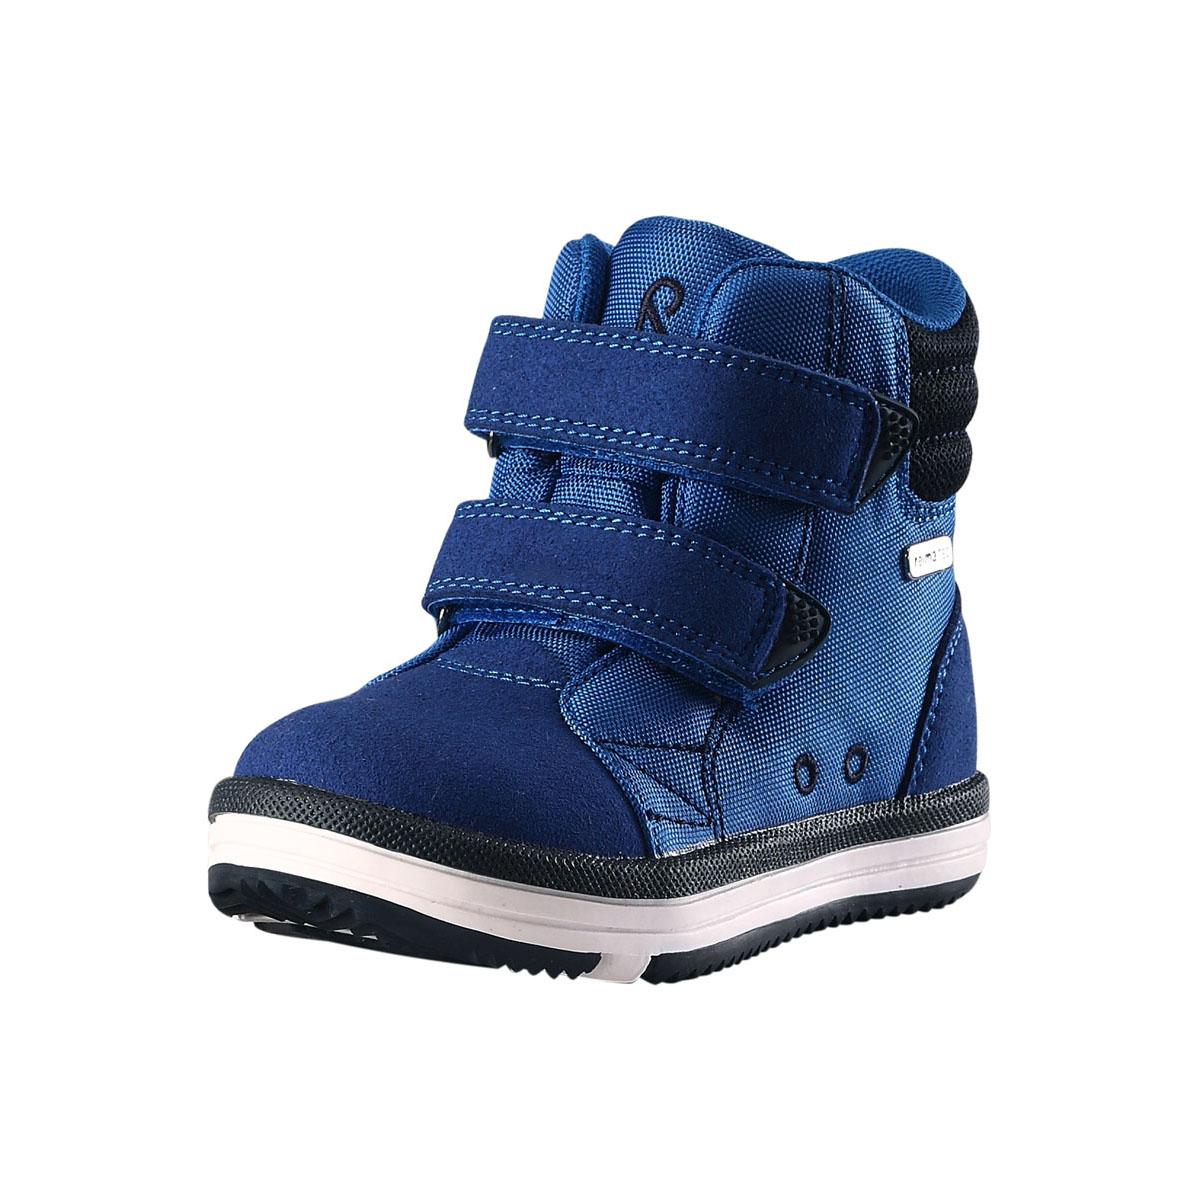 Ботинки для детей Reimatec Patter Wash 569311/6530